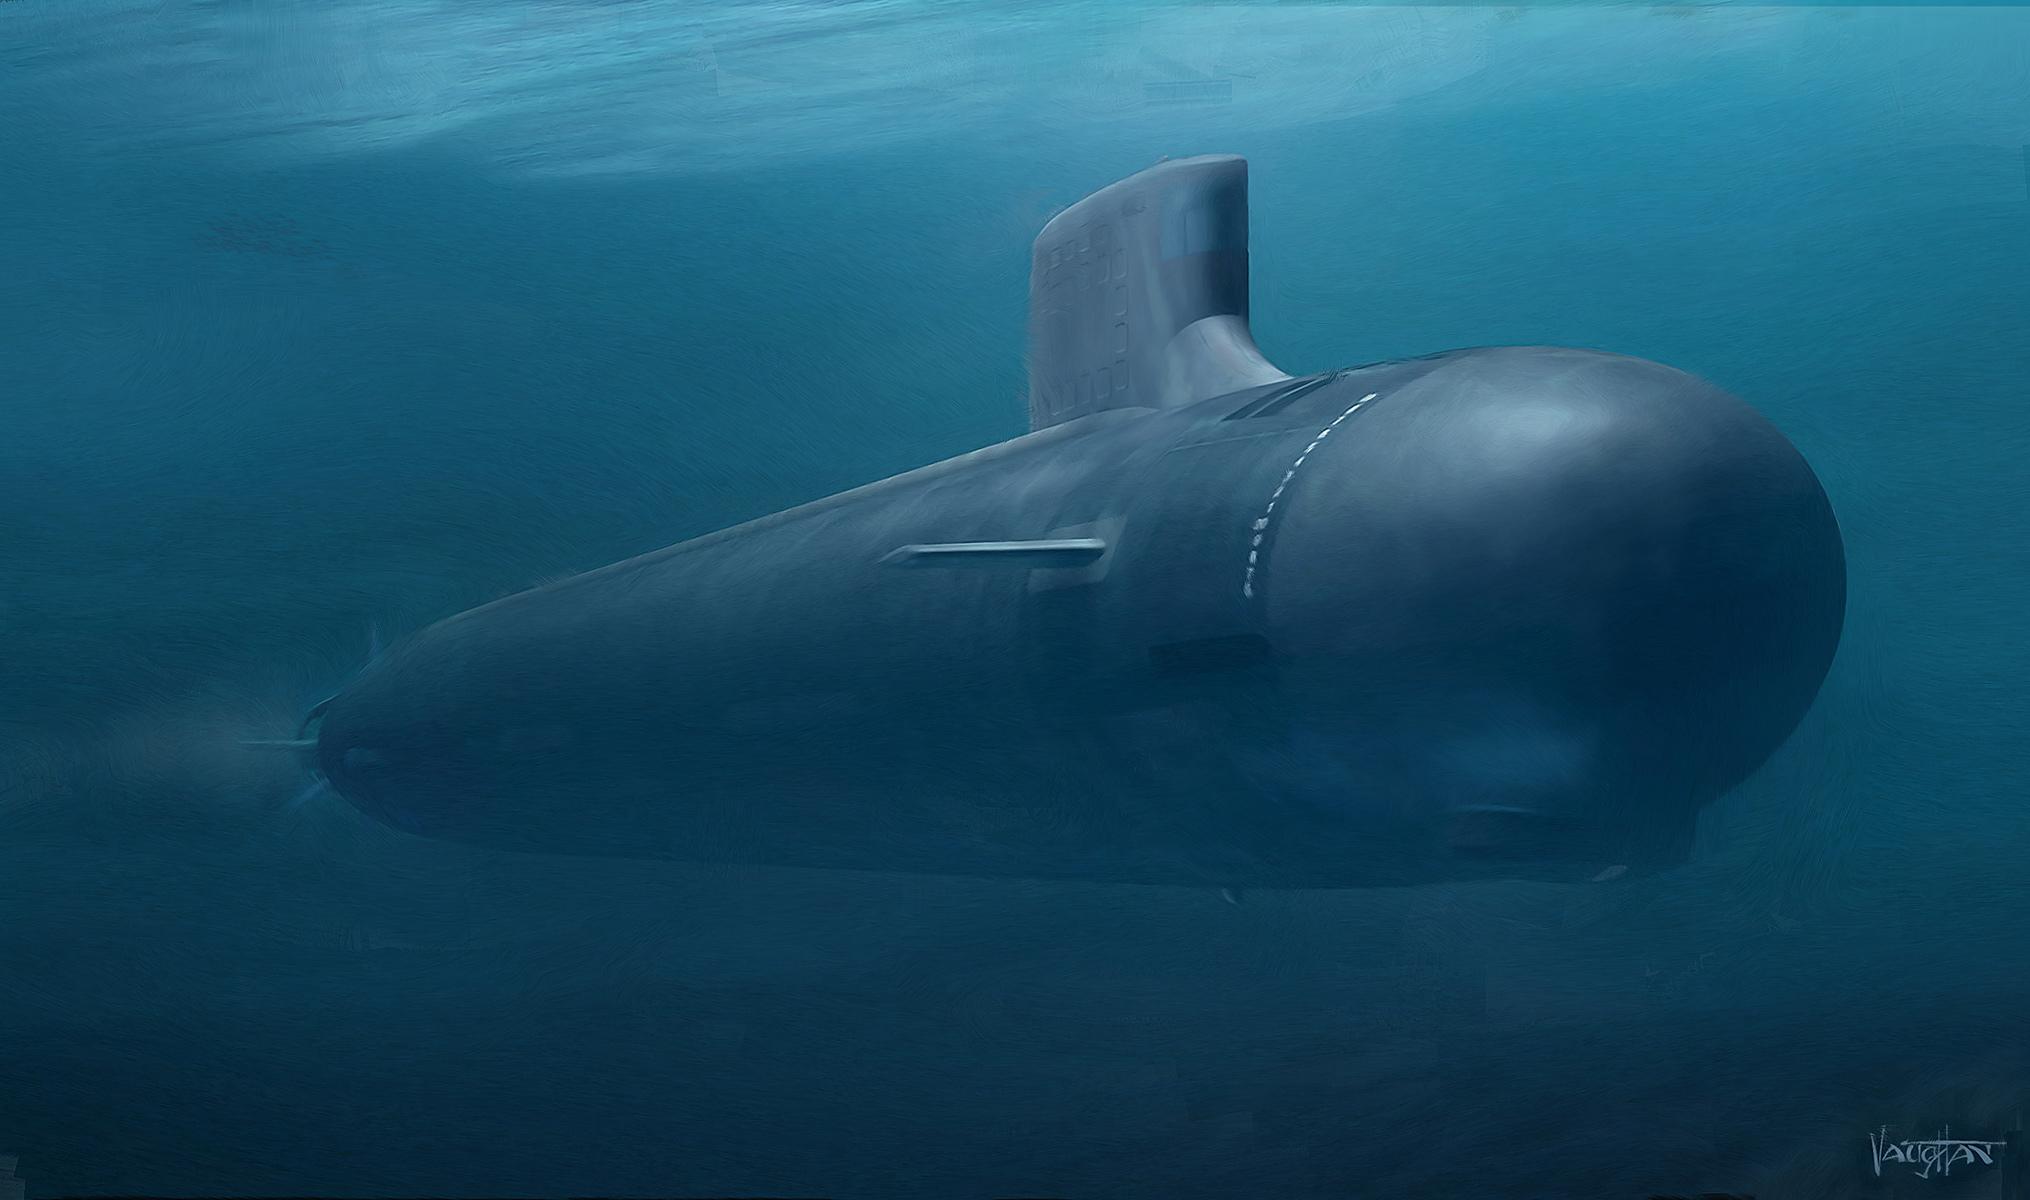 Картинки подводных лодок под водой